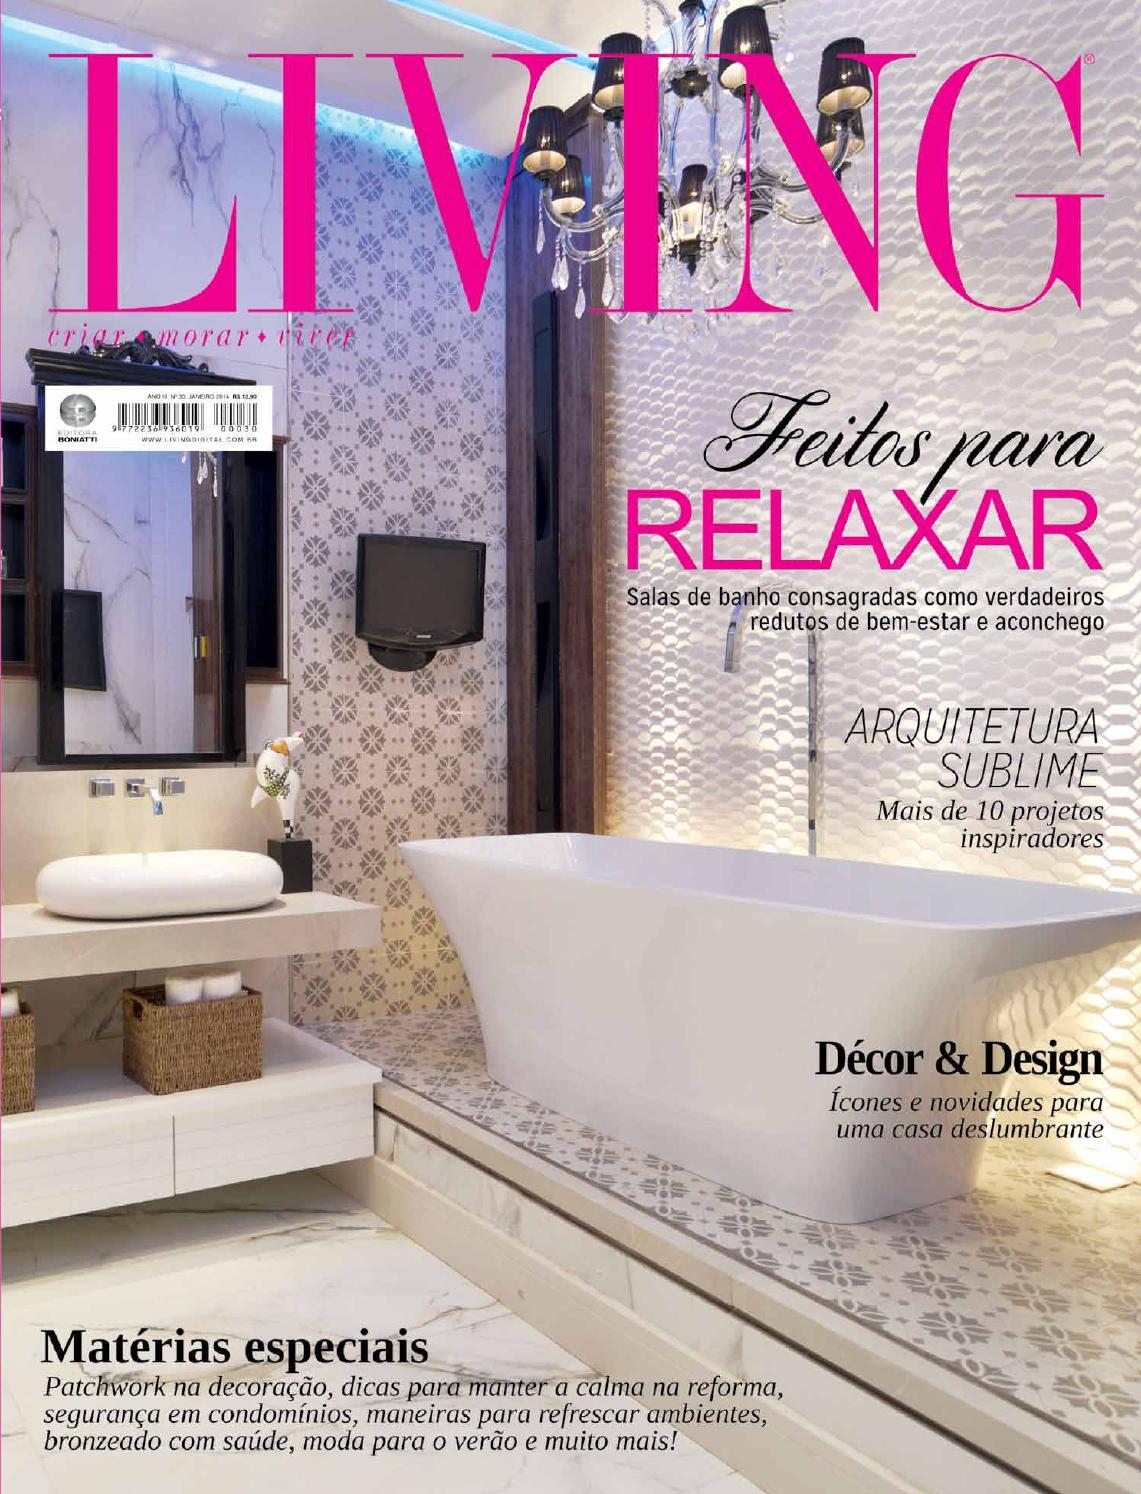 bcaf2054900 Revista Living - Edição nº30 - Janeiro de 2014 by Revista Living - issuu